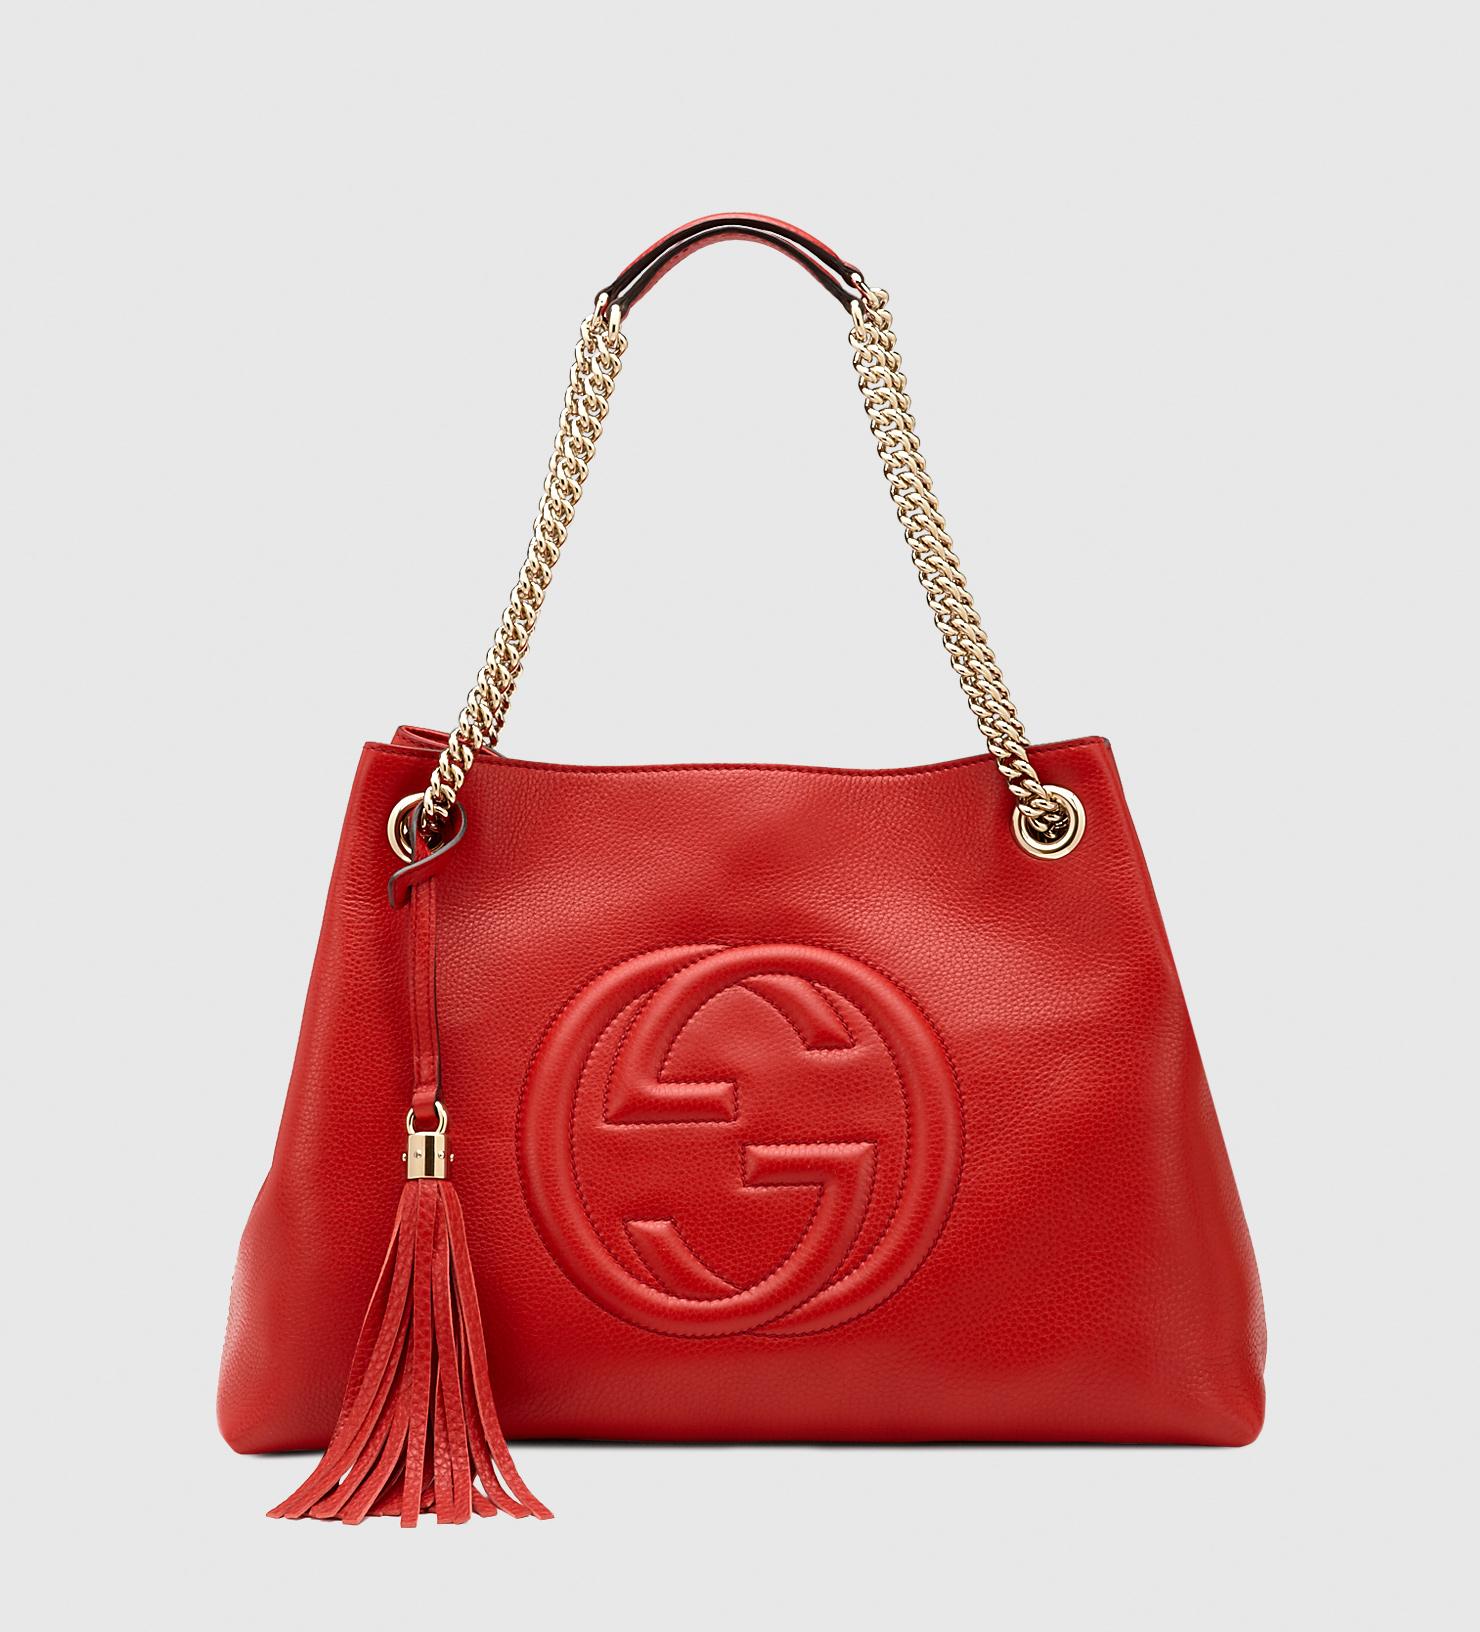 gucci soho leather shoulder bag in